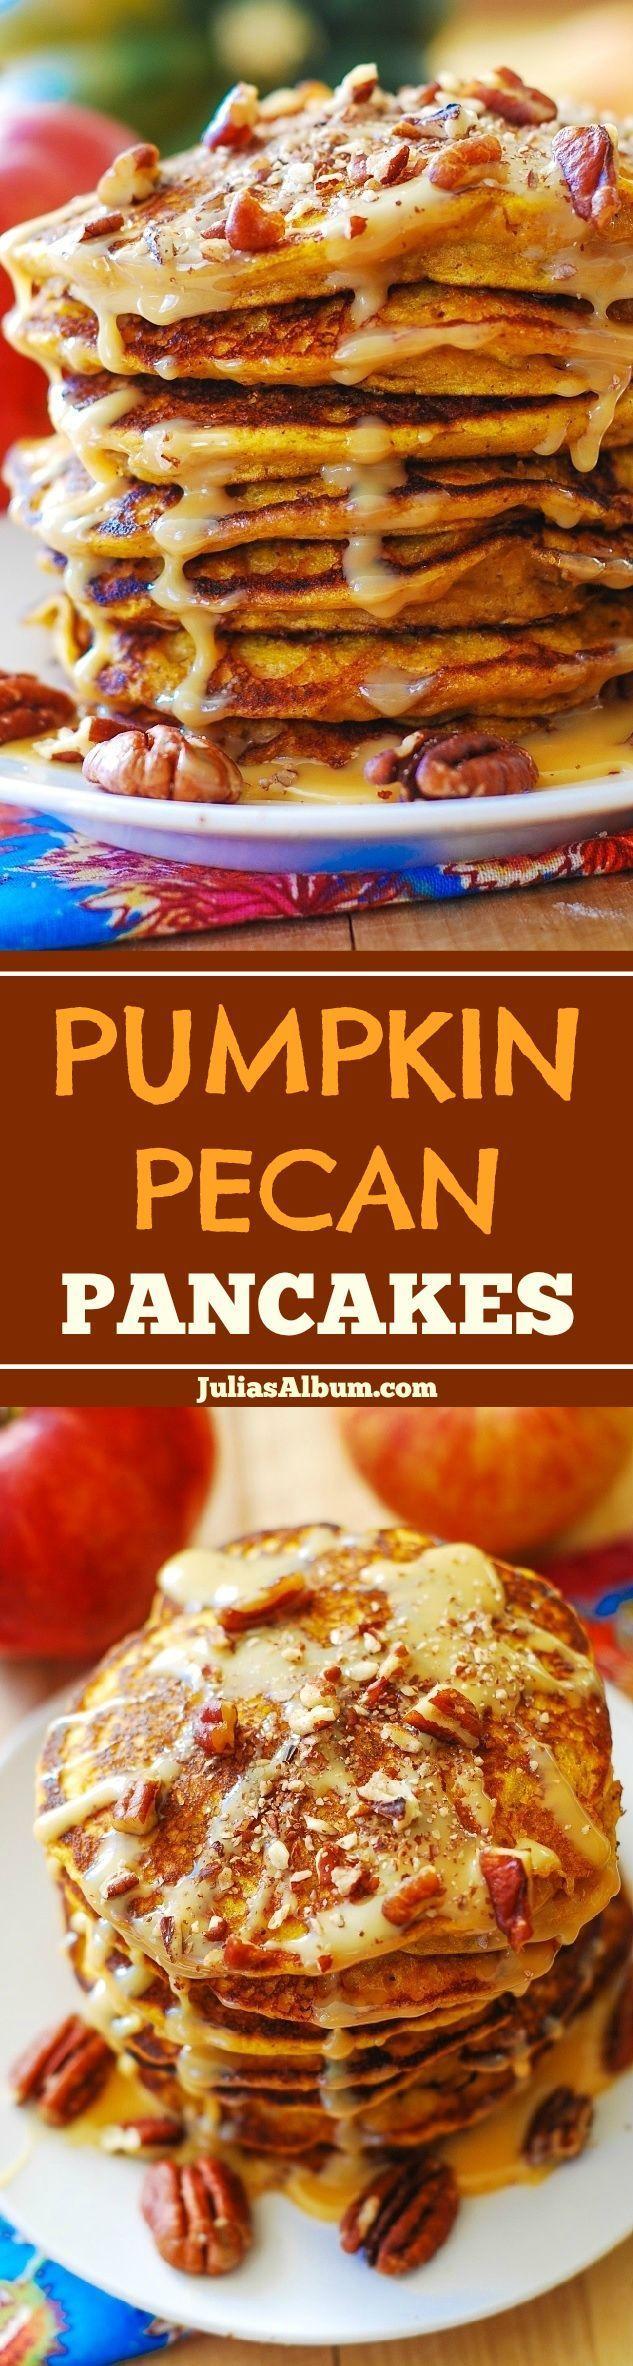 Pumpkin-Pecan Pancakes with Pecan Sauce  #Fall #Holidays #breakfast via @juliasalbum/ Replace with sweet potato